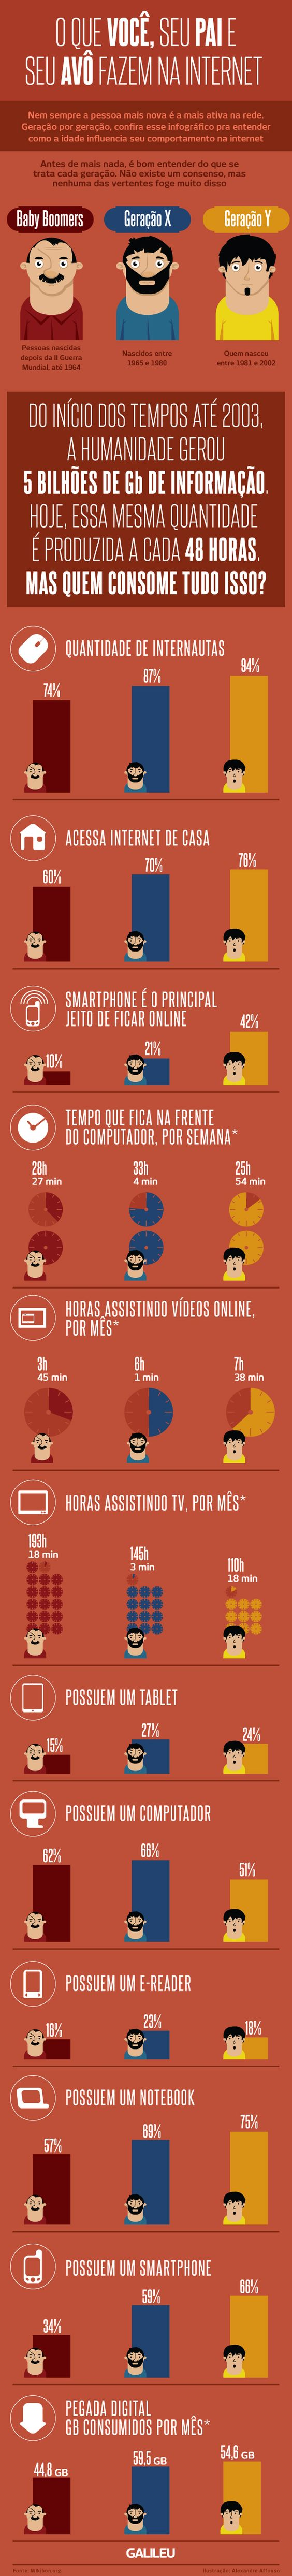 Infográfico - O que você, seu pai e seu avô fazem na internet: